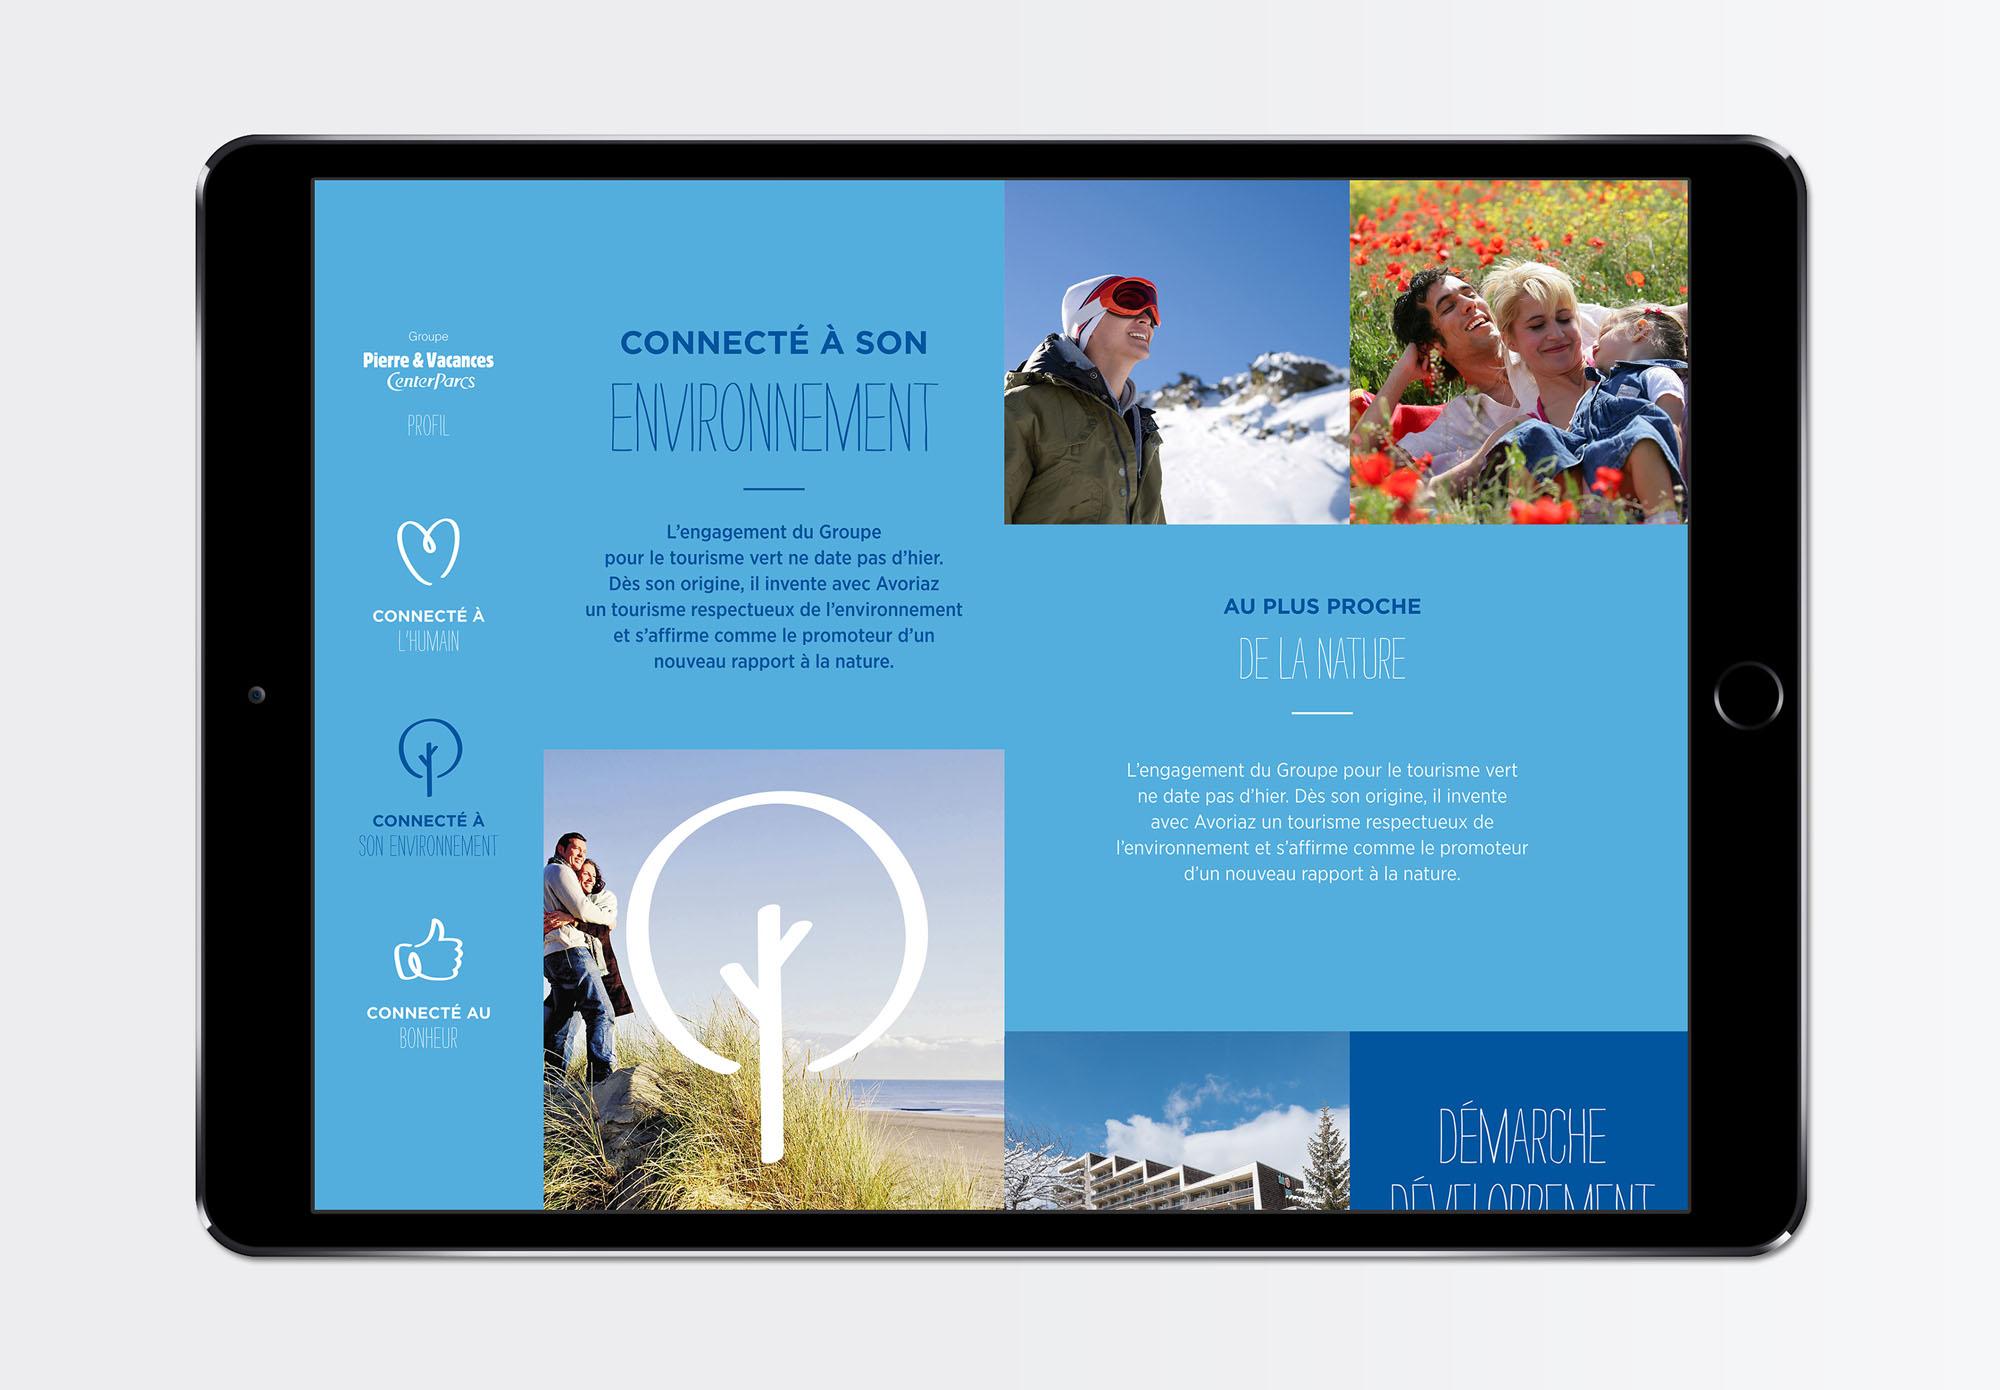 Pierre et Vacances - rapport annuel - version digitale